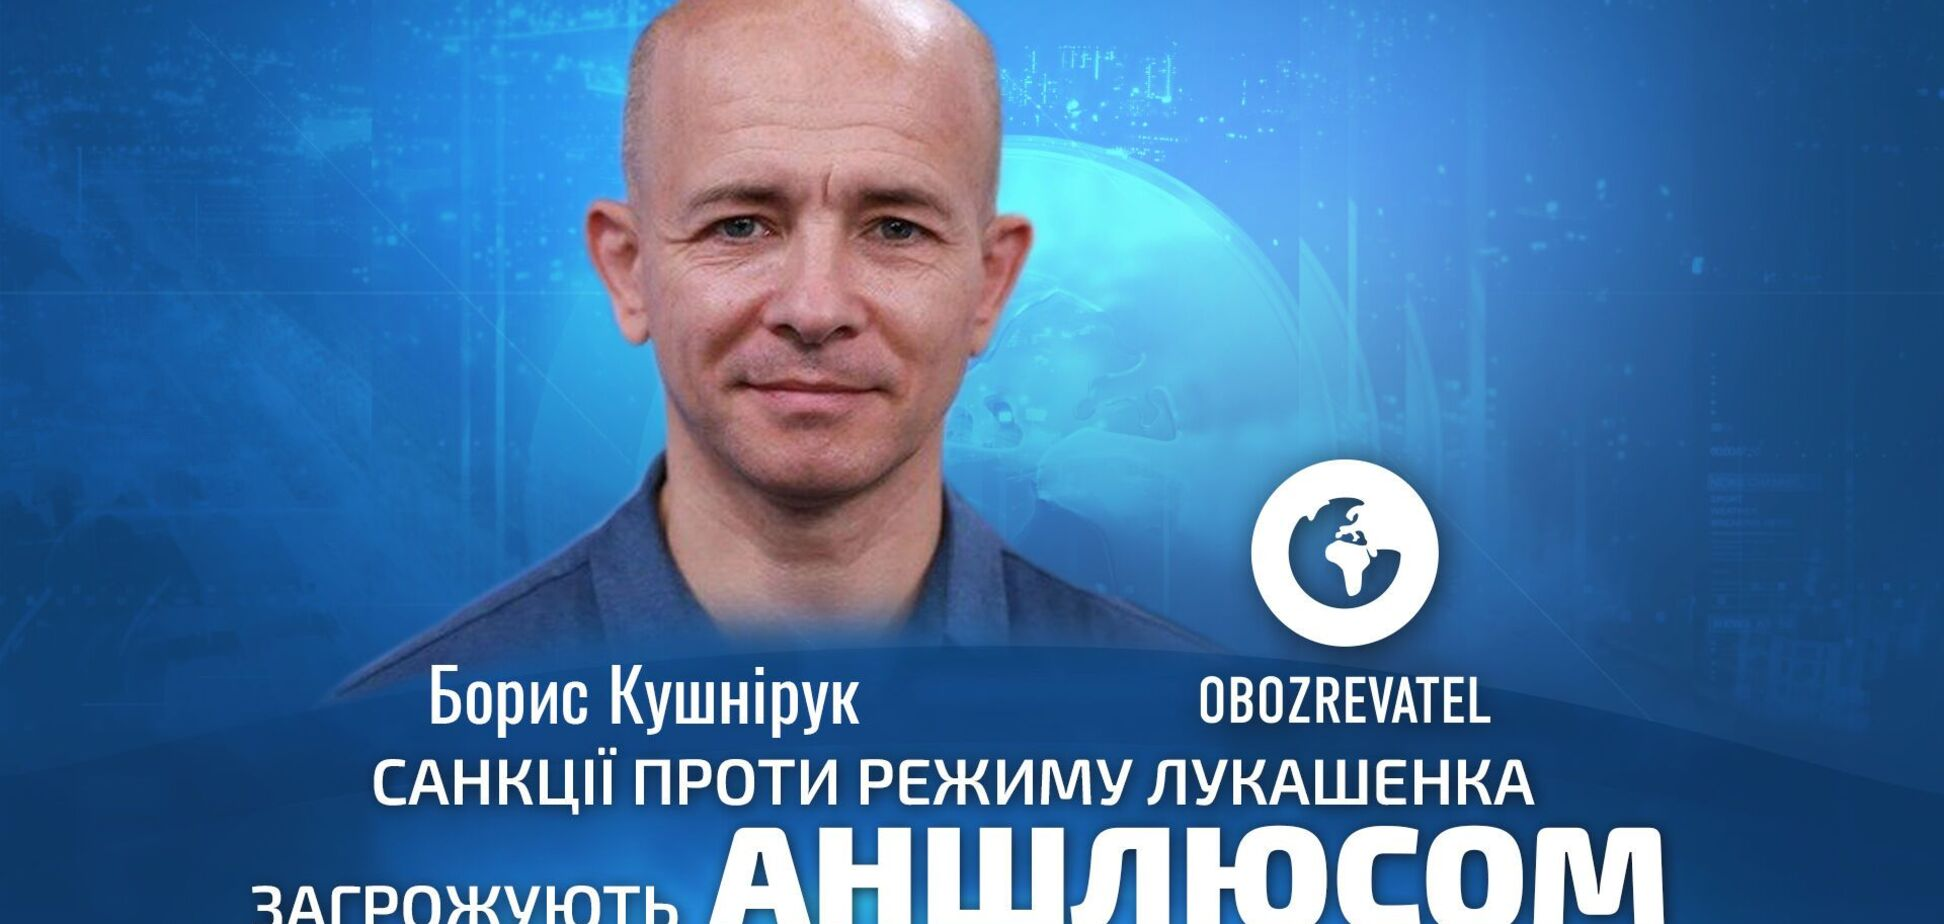 Санкції проти Лукашенка загрожують аншлюсом Білорусі, – Кушнірук